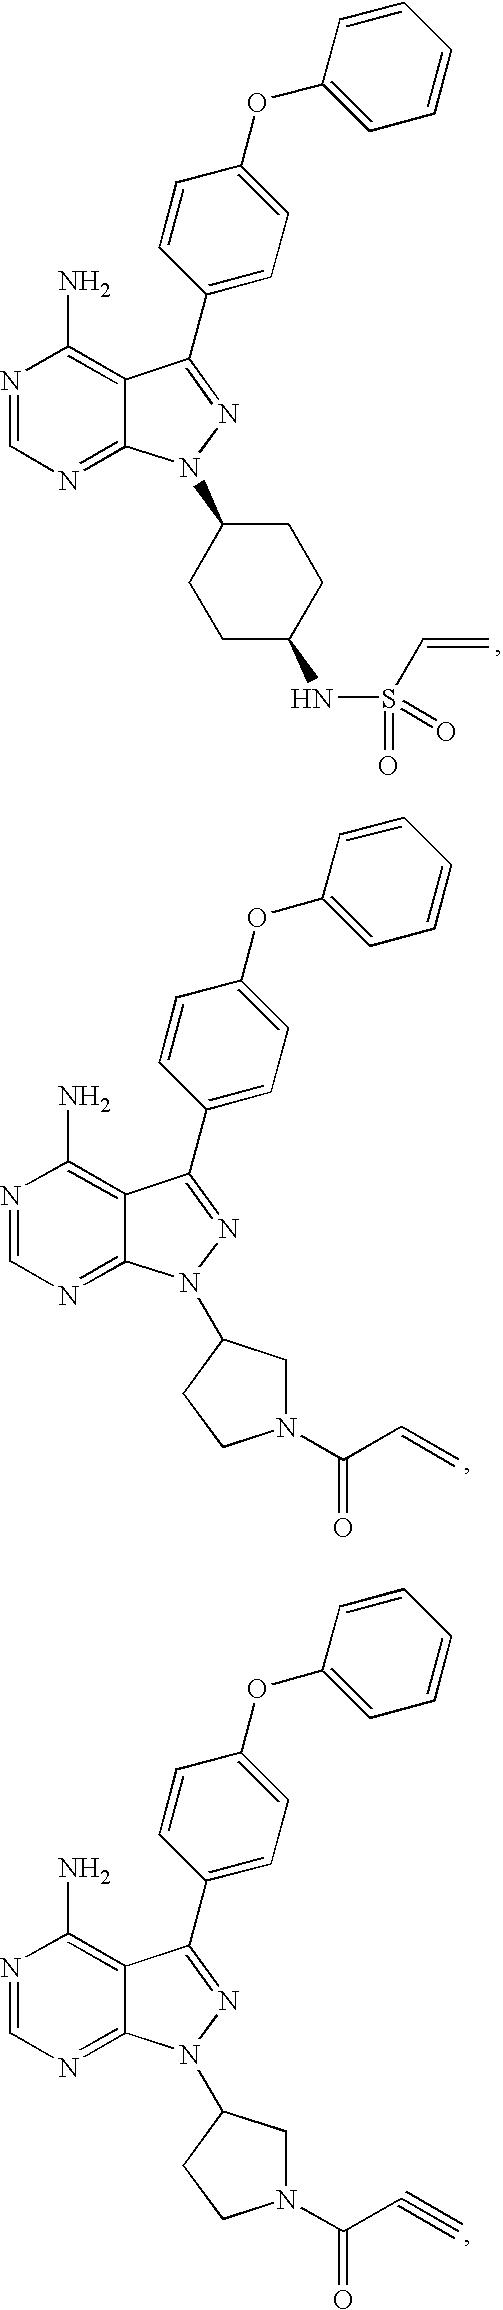 Figure US07514444-20090407-C00020